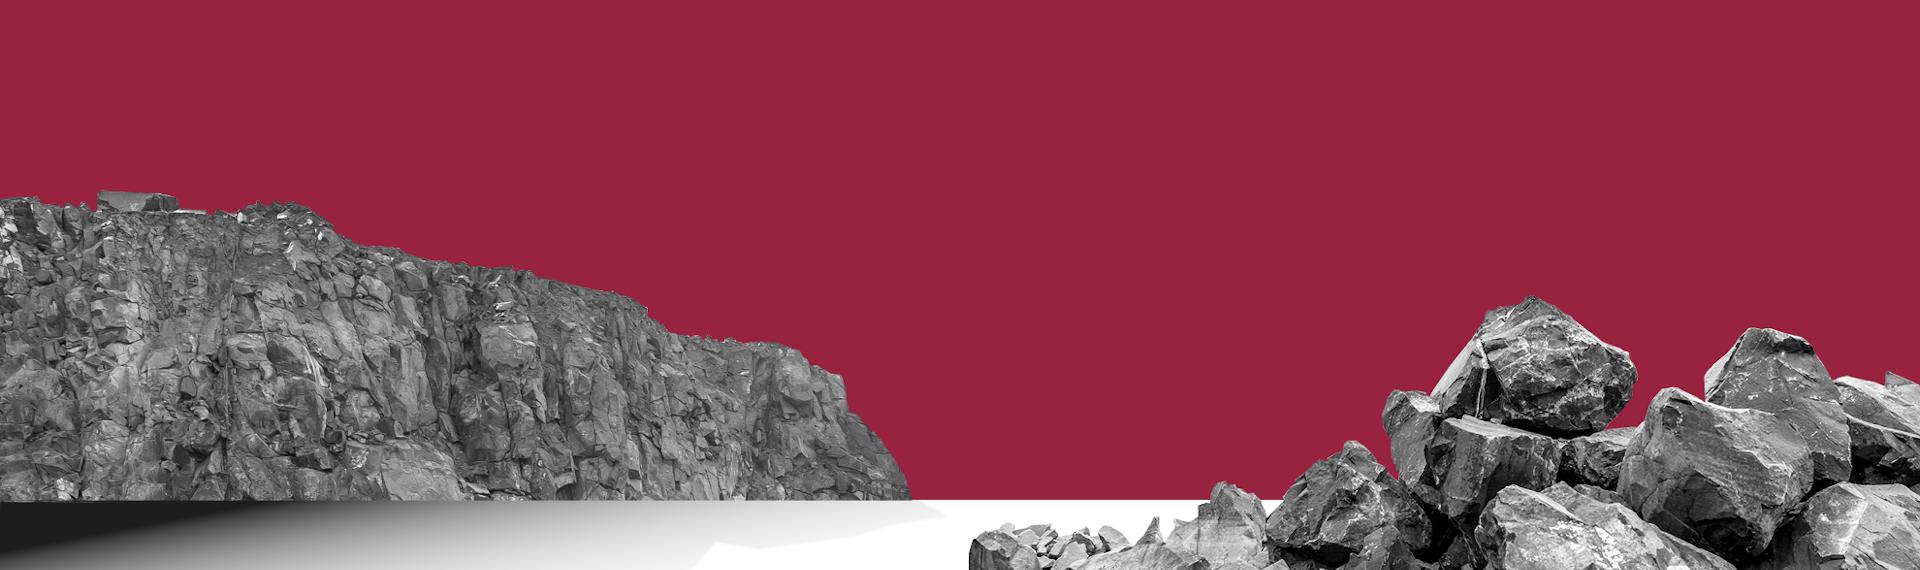 skały na czerwonym tle